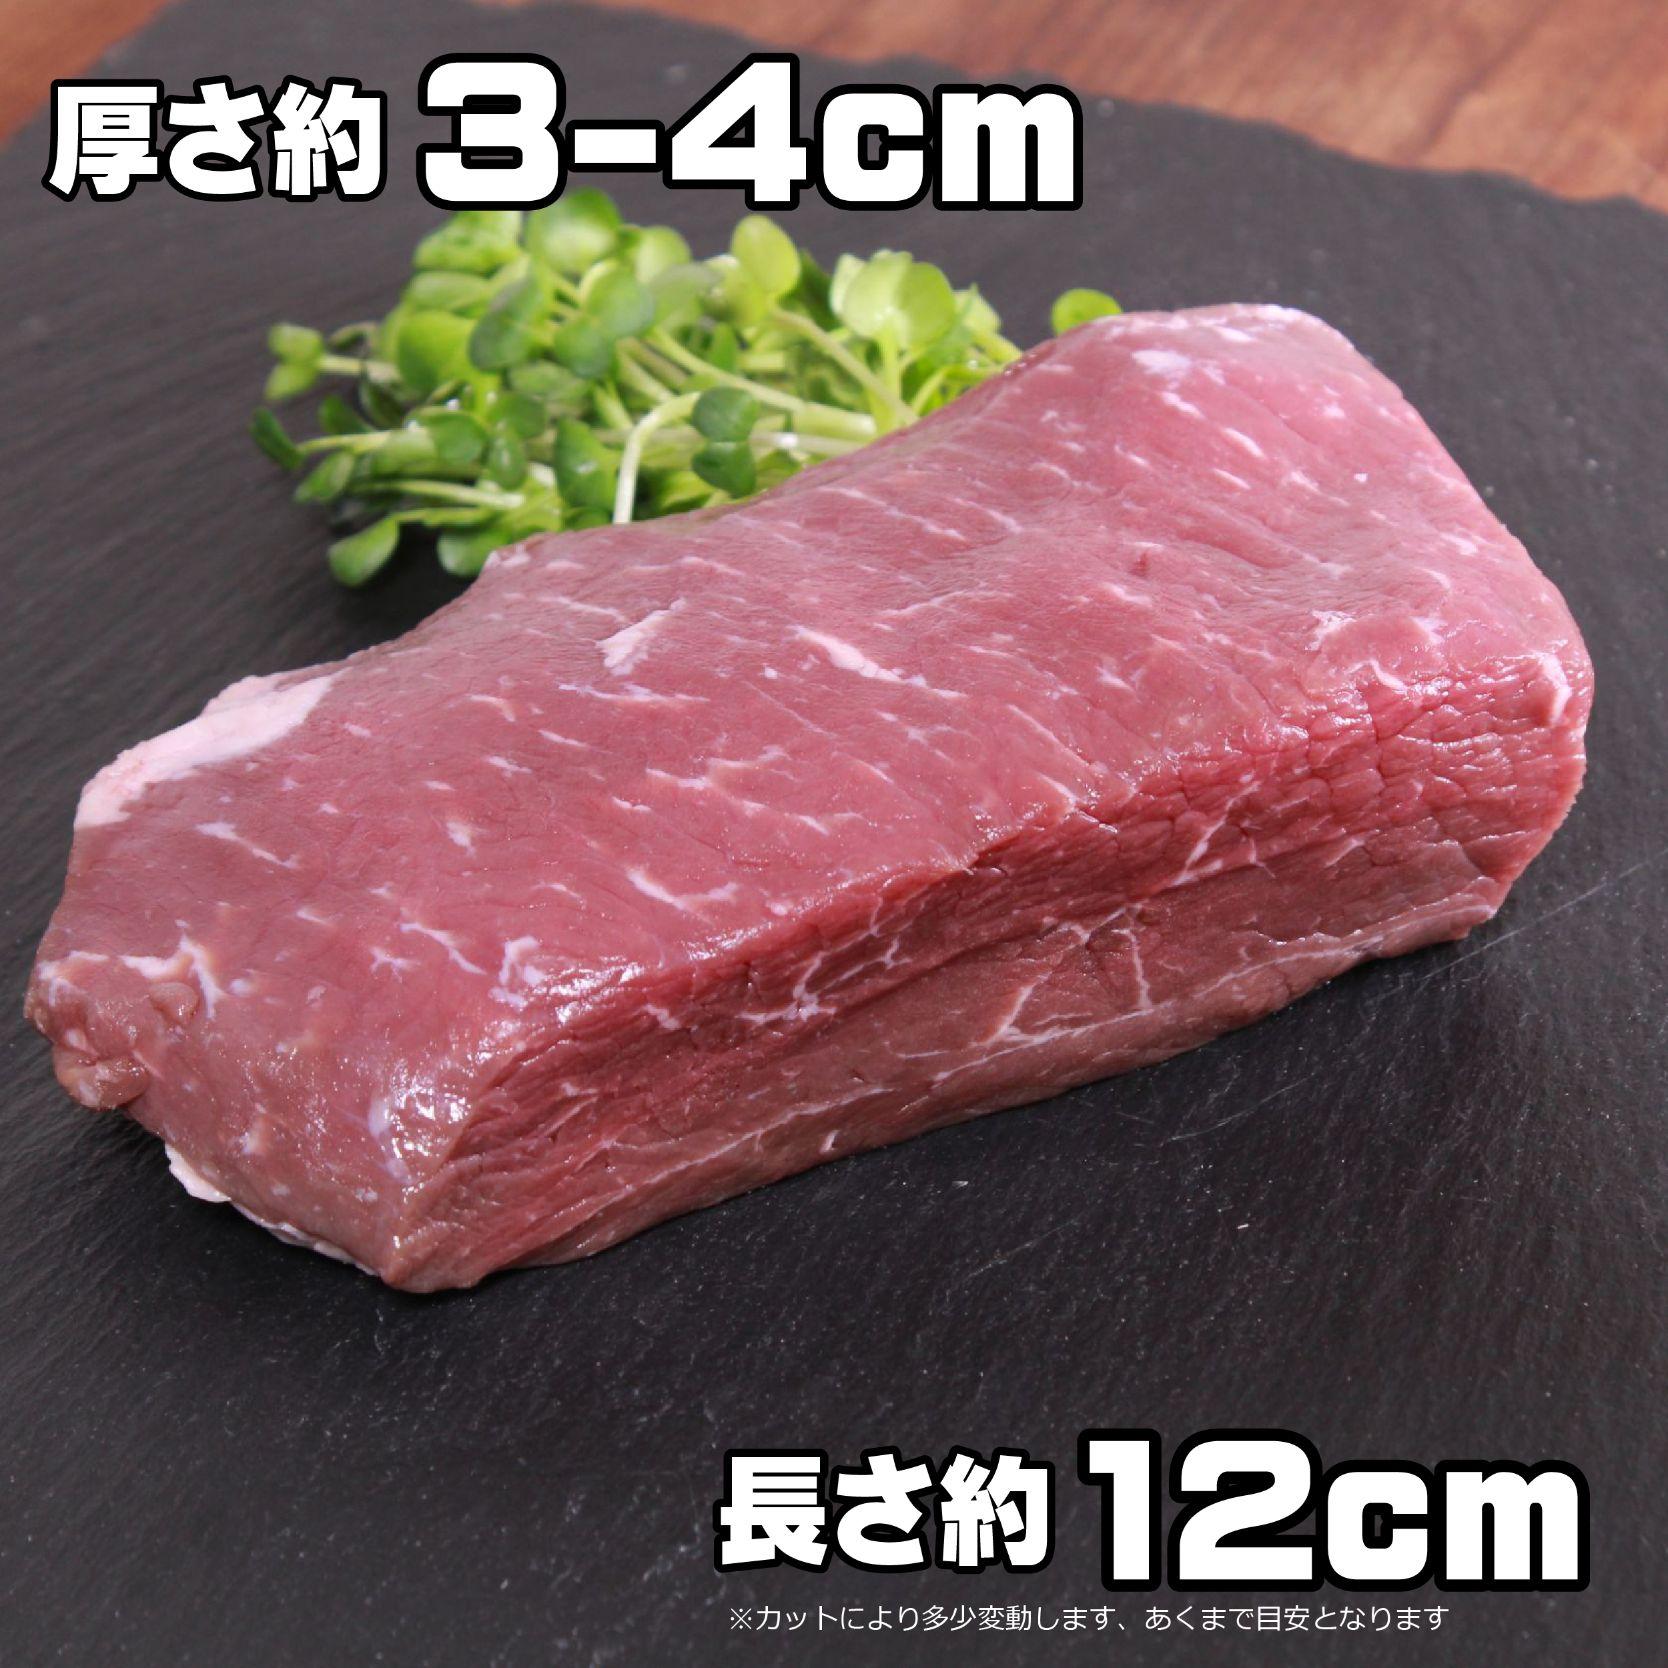 お手頃価格厚切りビーフステーキ オージービーフ 厚切りランプステーキ オーストラリア産牛肉 250G Steak Rump Beef SKU114 人気の定番 Australian 定価